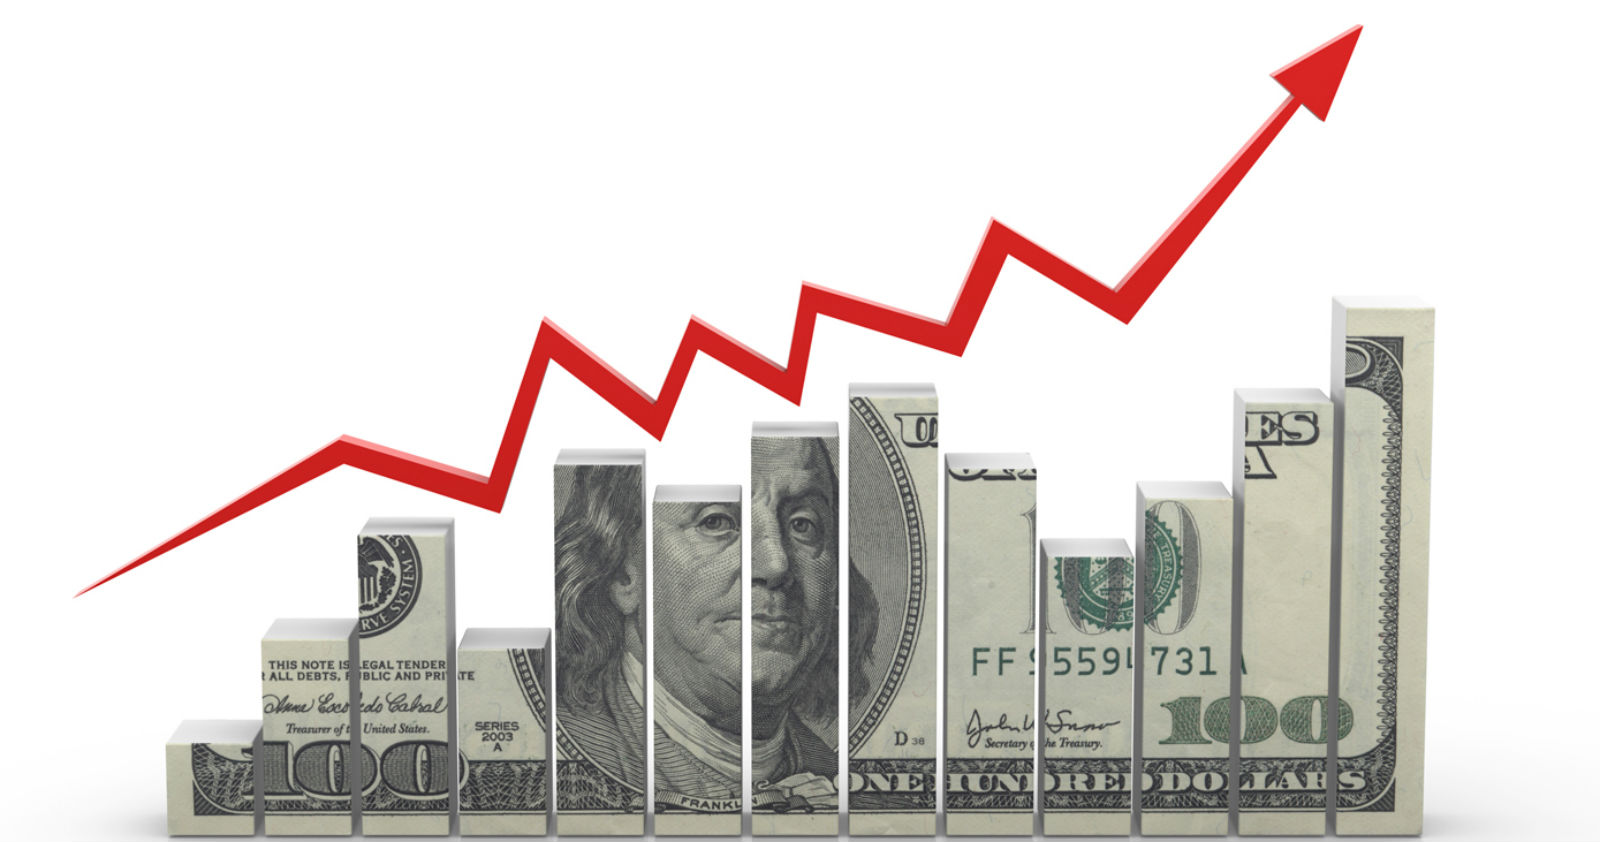 طاعونی به نام خروج سرمایه از کشورزمان مطالعه: ۳ دقیقه